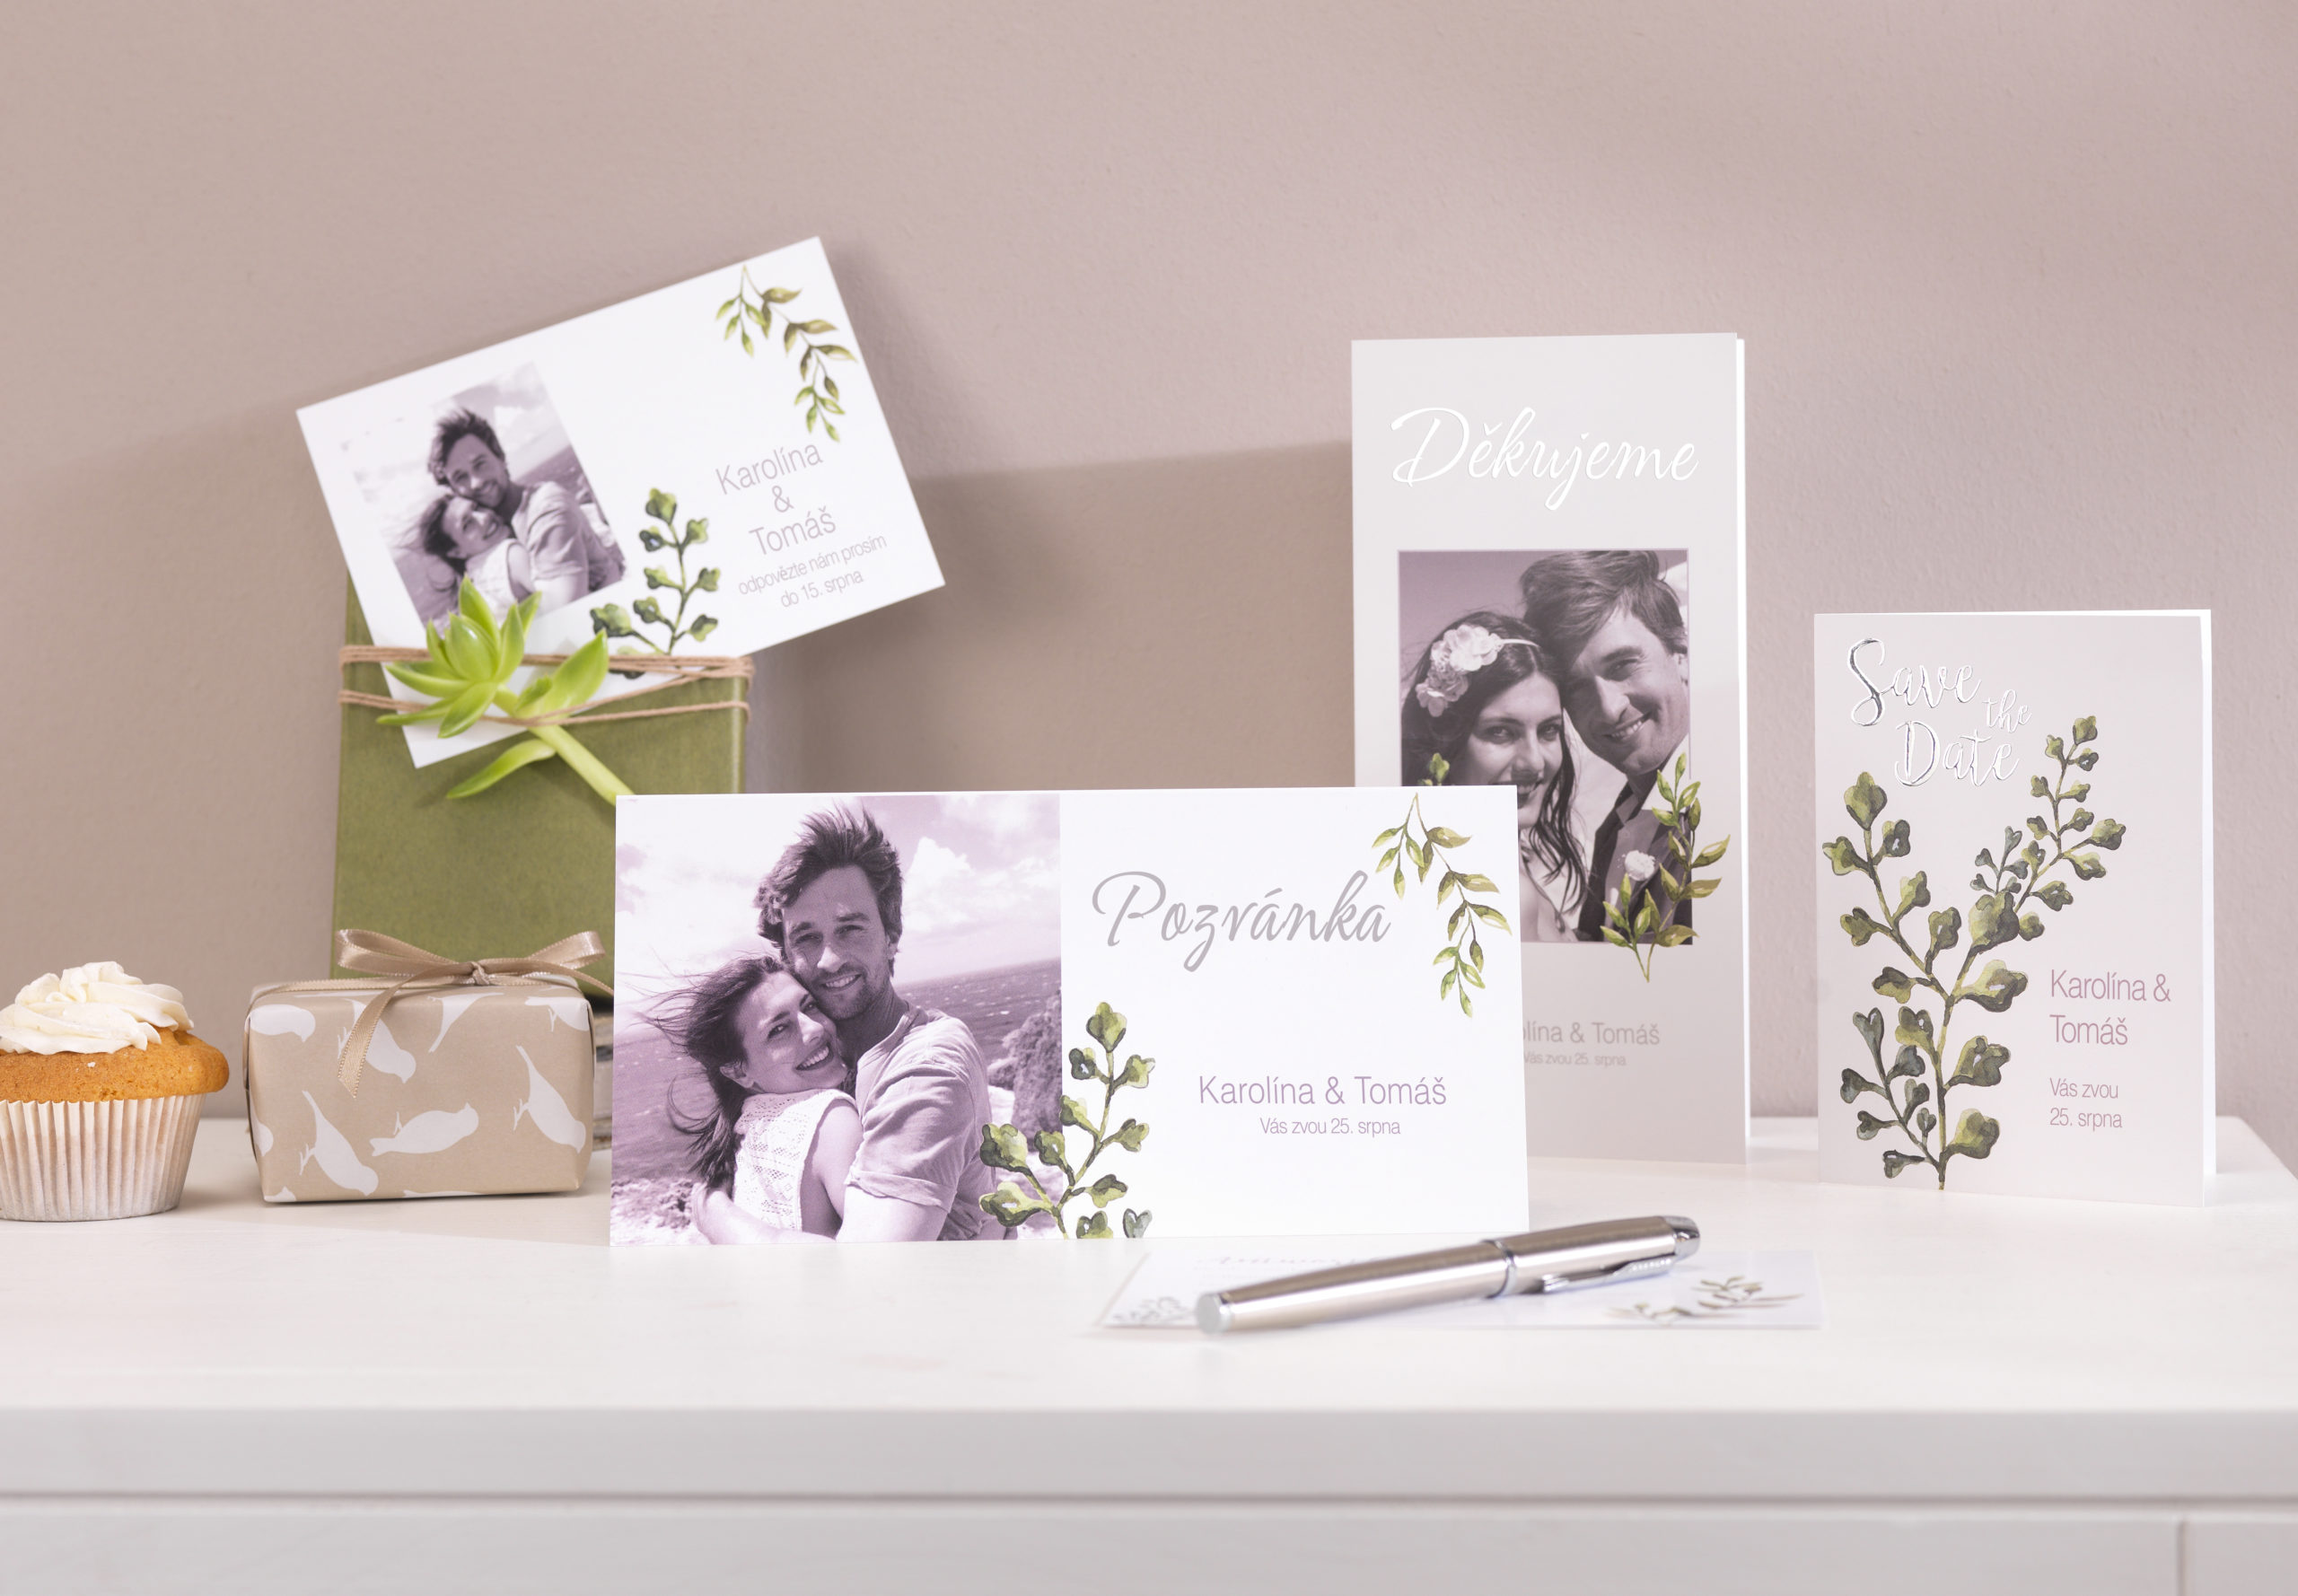 svatba, svatební, oznámení, pozvánka, přání, CEWE PŘÁNÍ